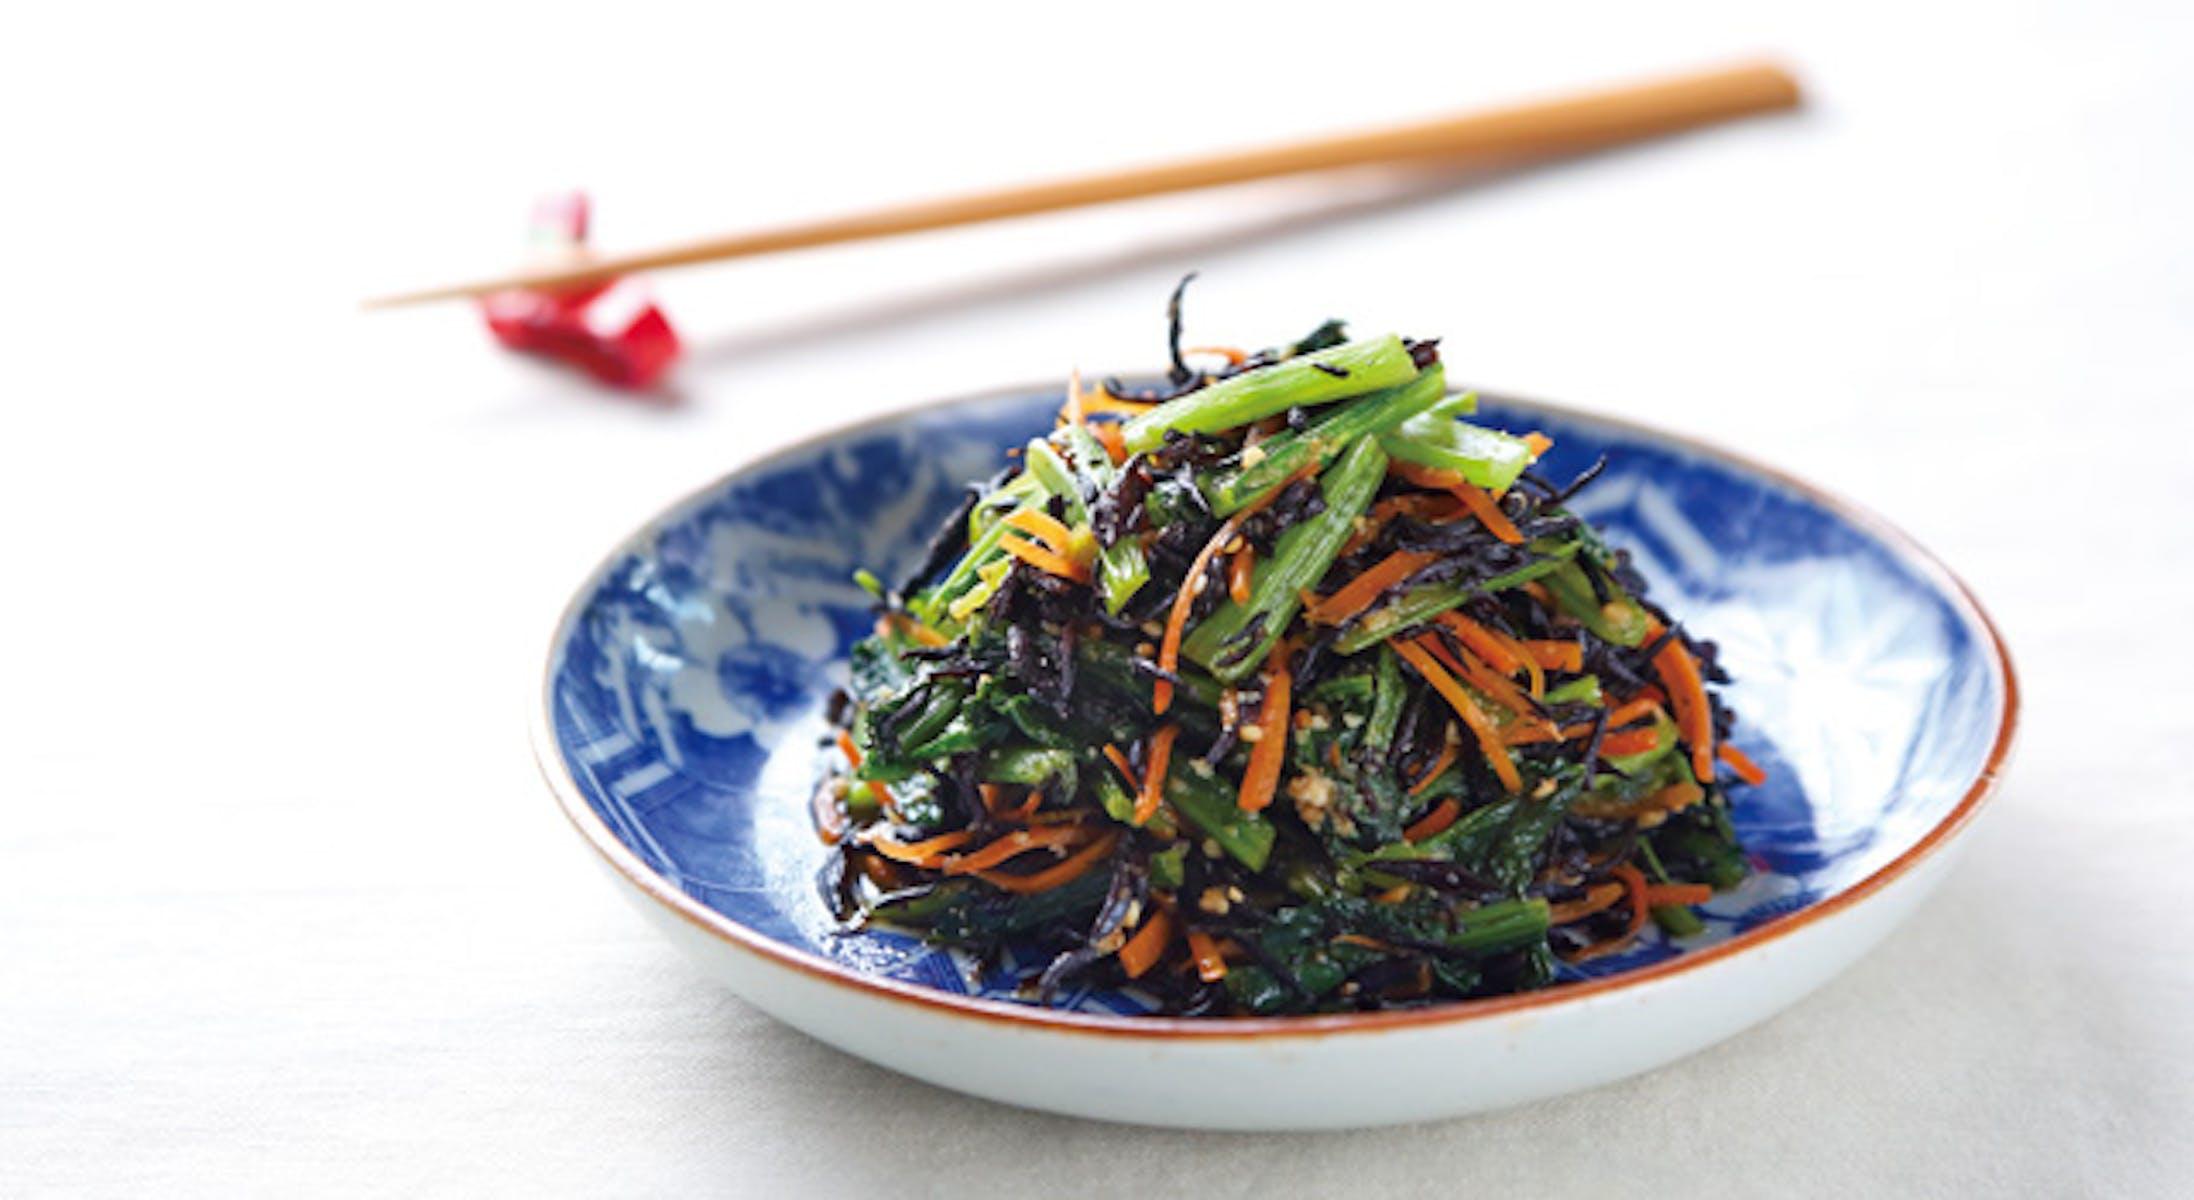 小松菜とひじきのピリ辛炒め煮